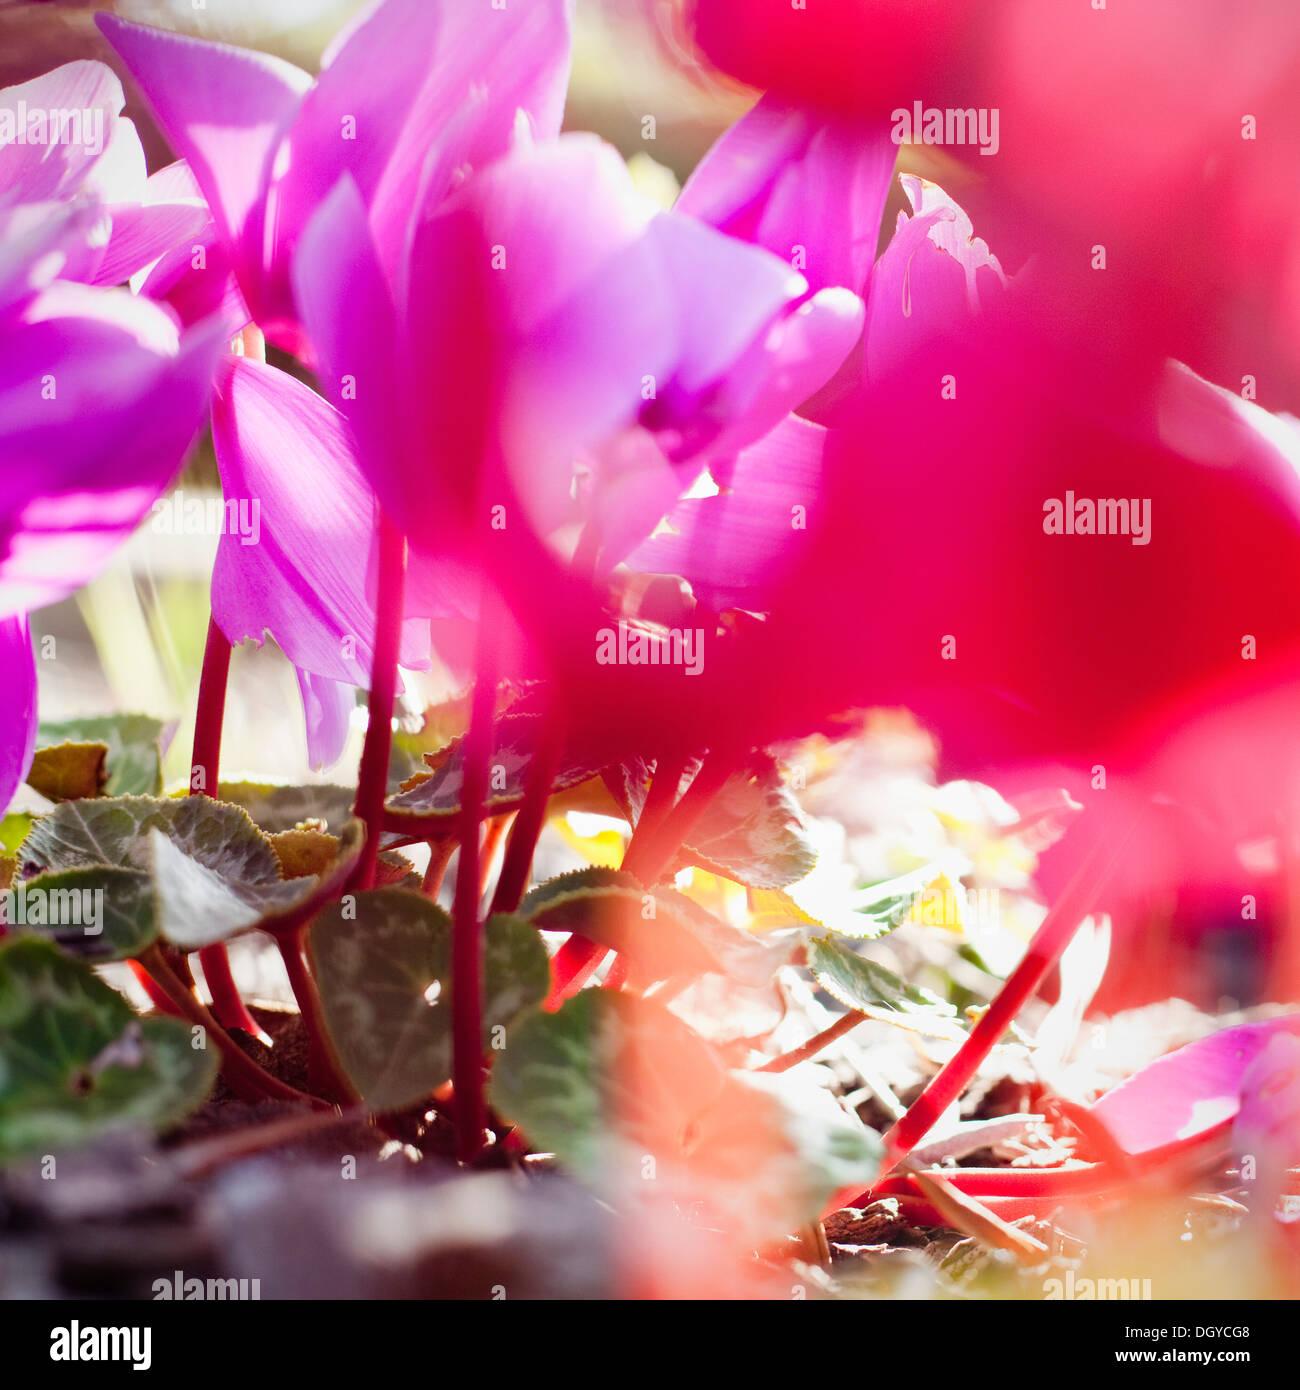 Magenta vibrante Cyclamen en flor, close-up Imagen De Stock